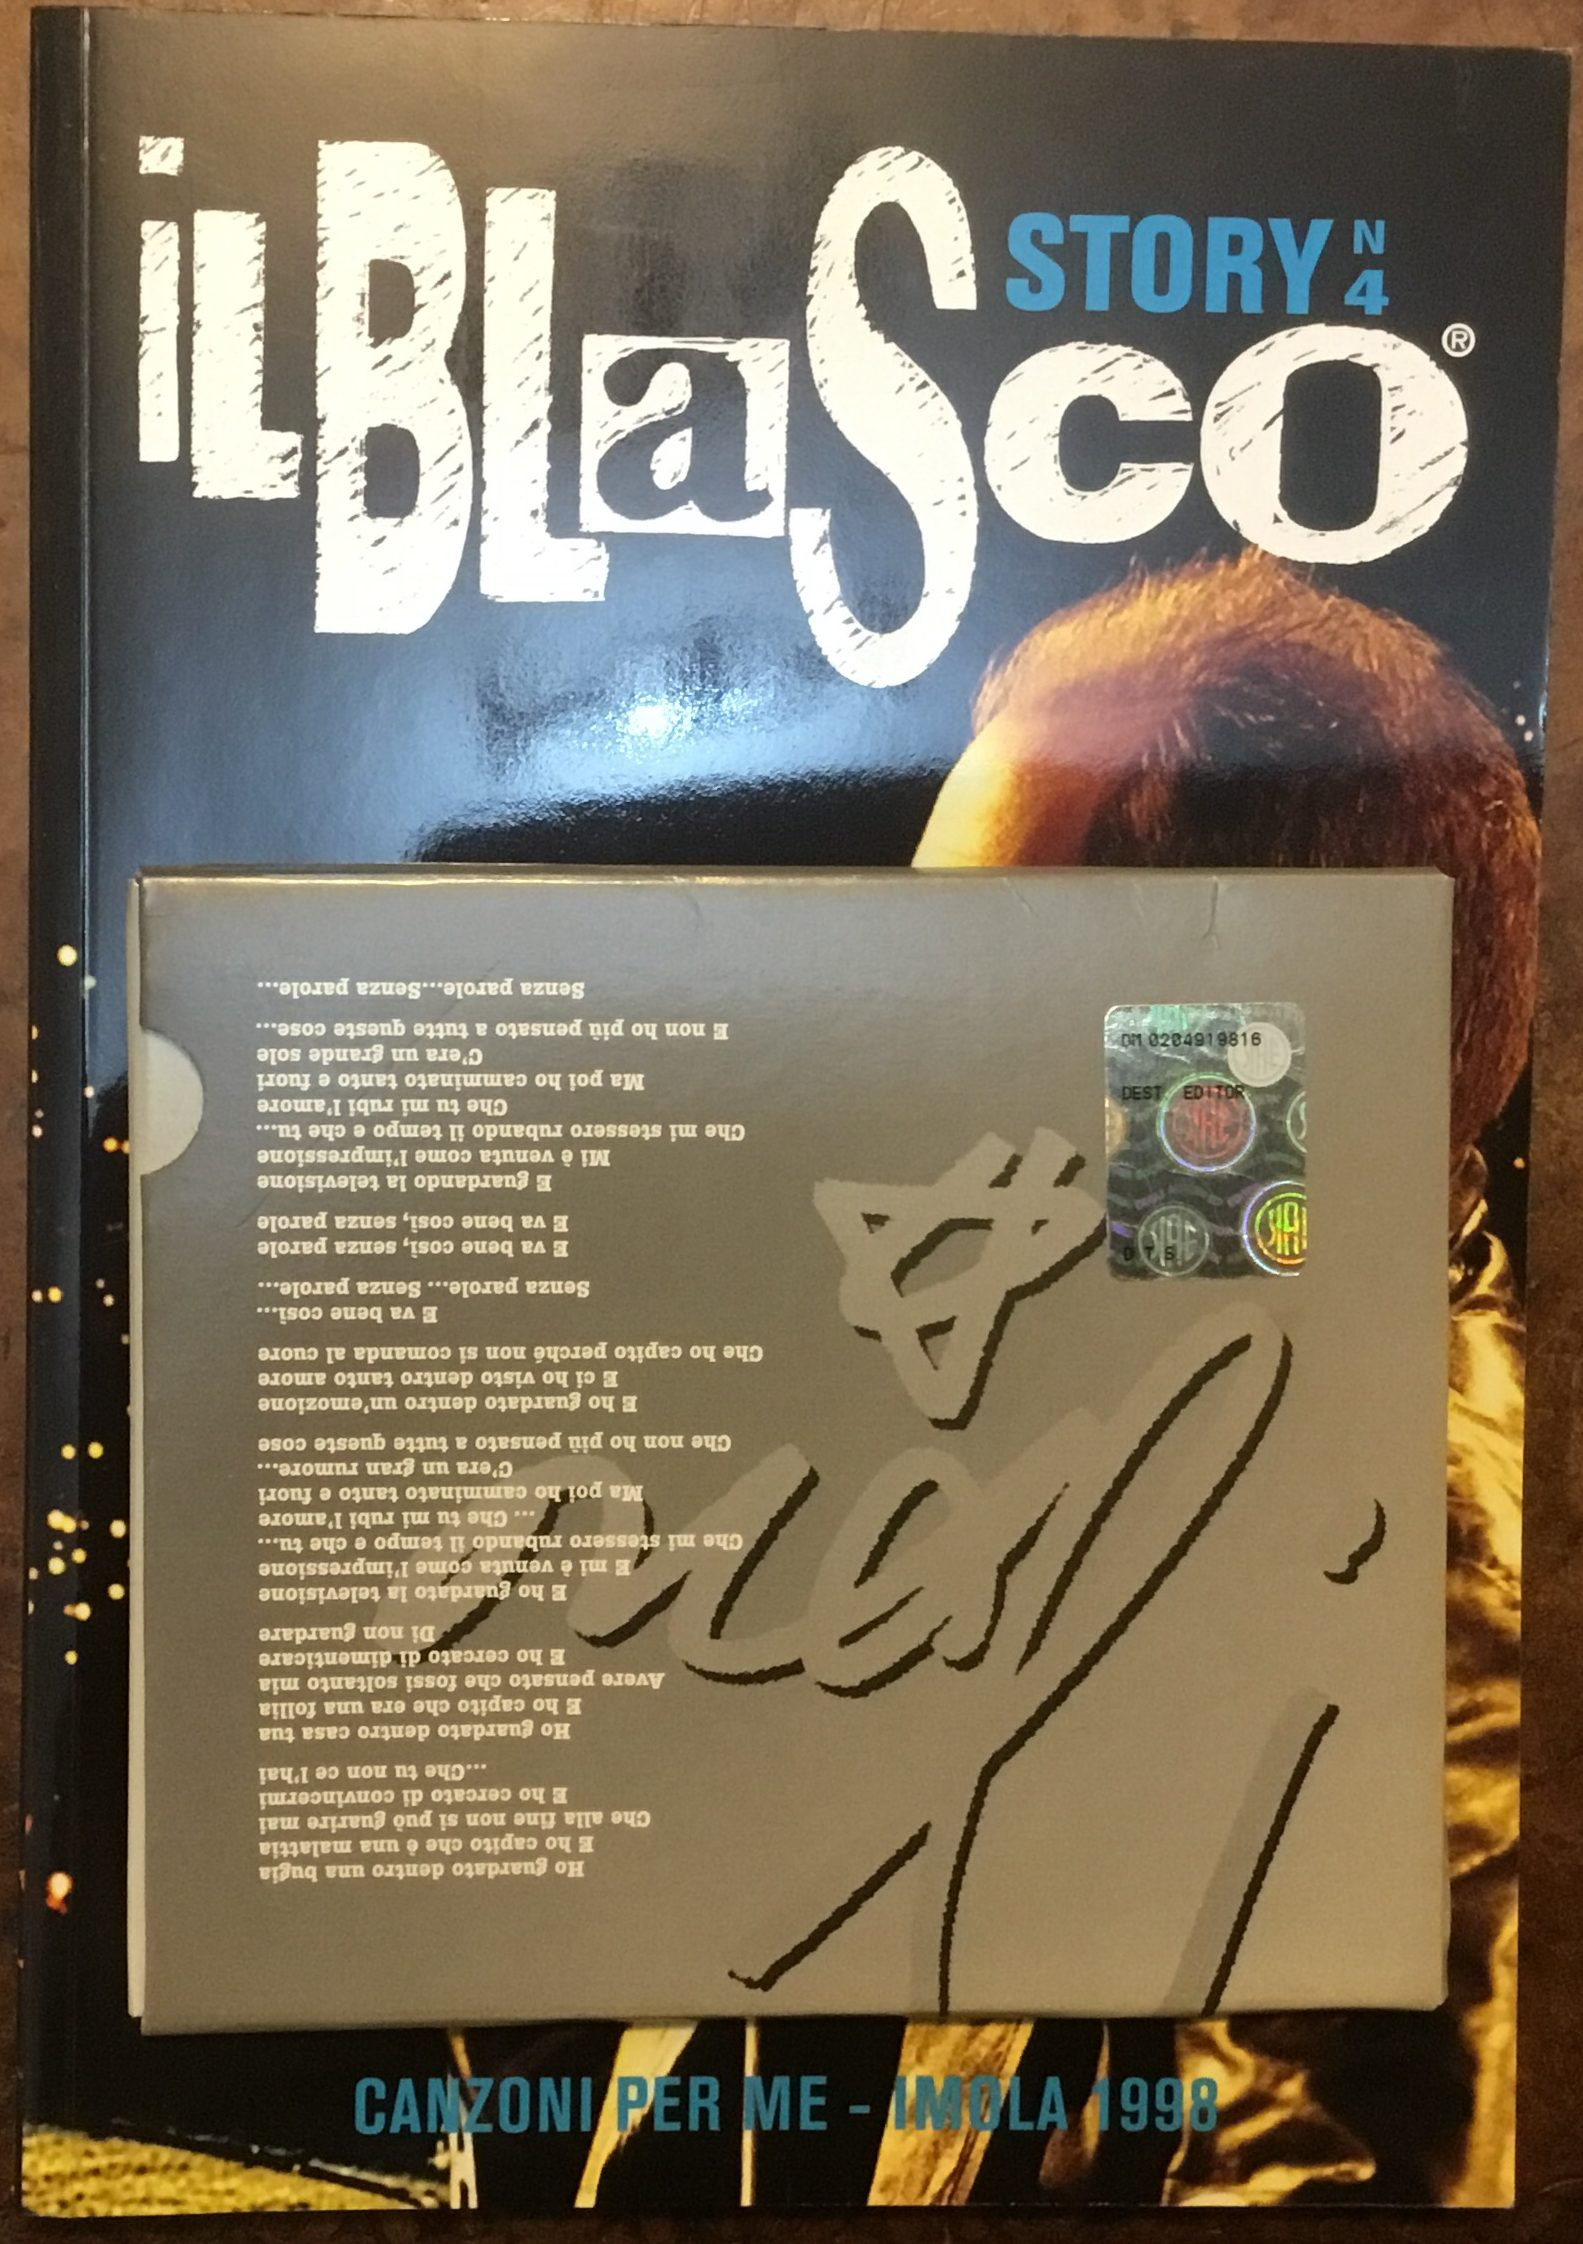 Il Blasco Story n.6, Rivista con allegato CD 'Ti prendo e ti porto via Remix' (Dest. Editoriale)